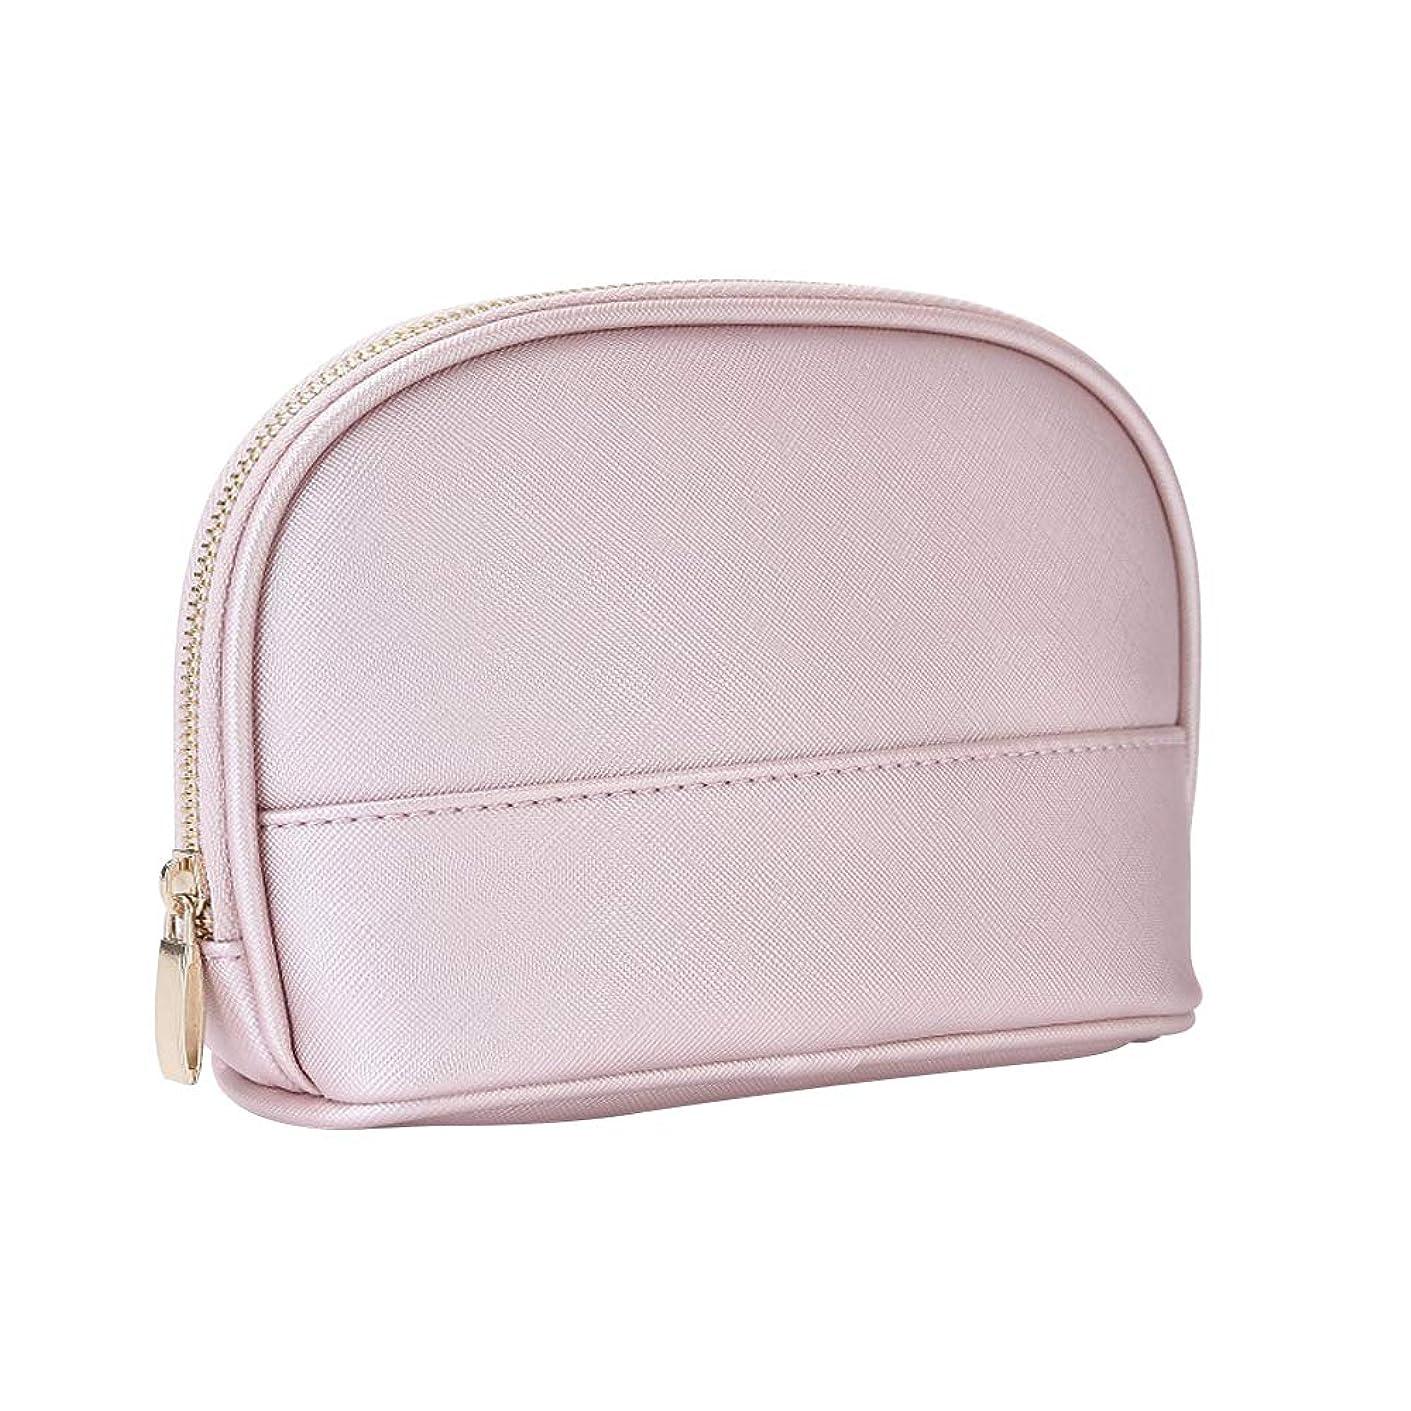 初期成長アドバイスXiazw ピンク PUレザー 防水 化粧ポーチ メイクポーチ バッグ 化粧品収納 小物入れ 出張 旅行用